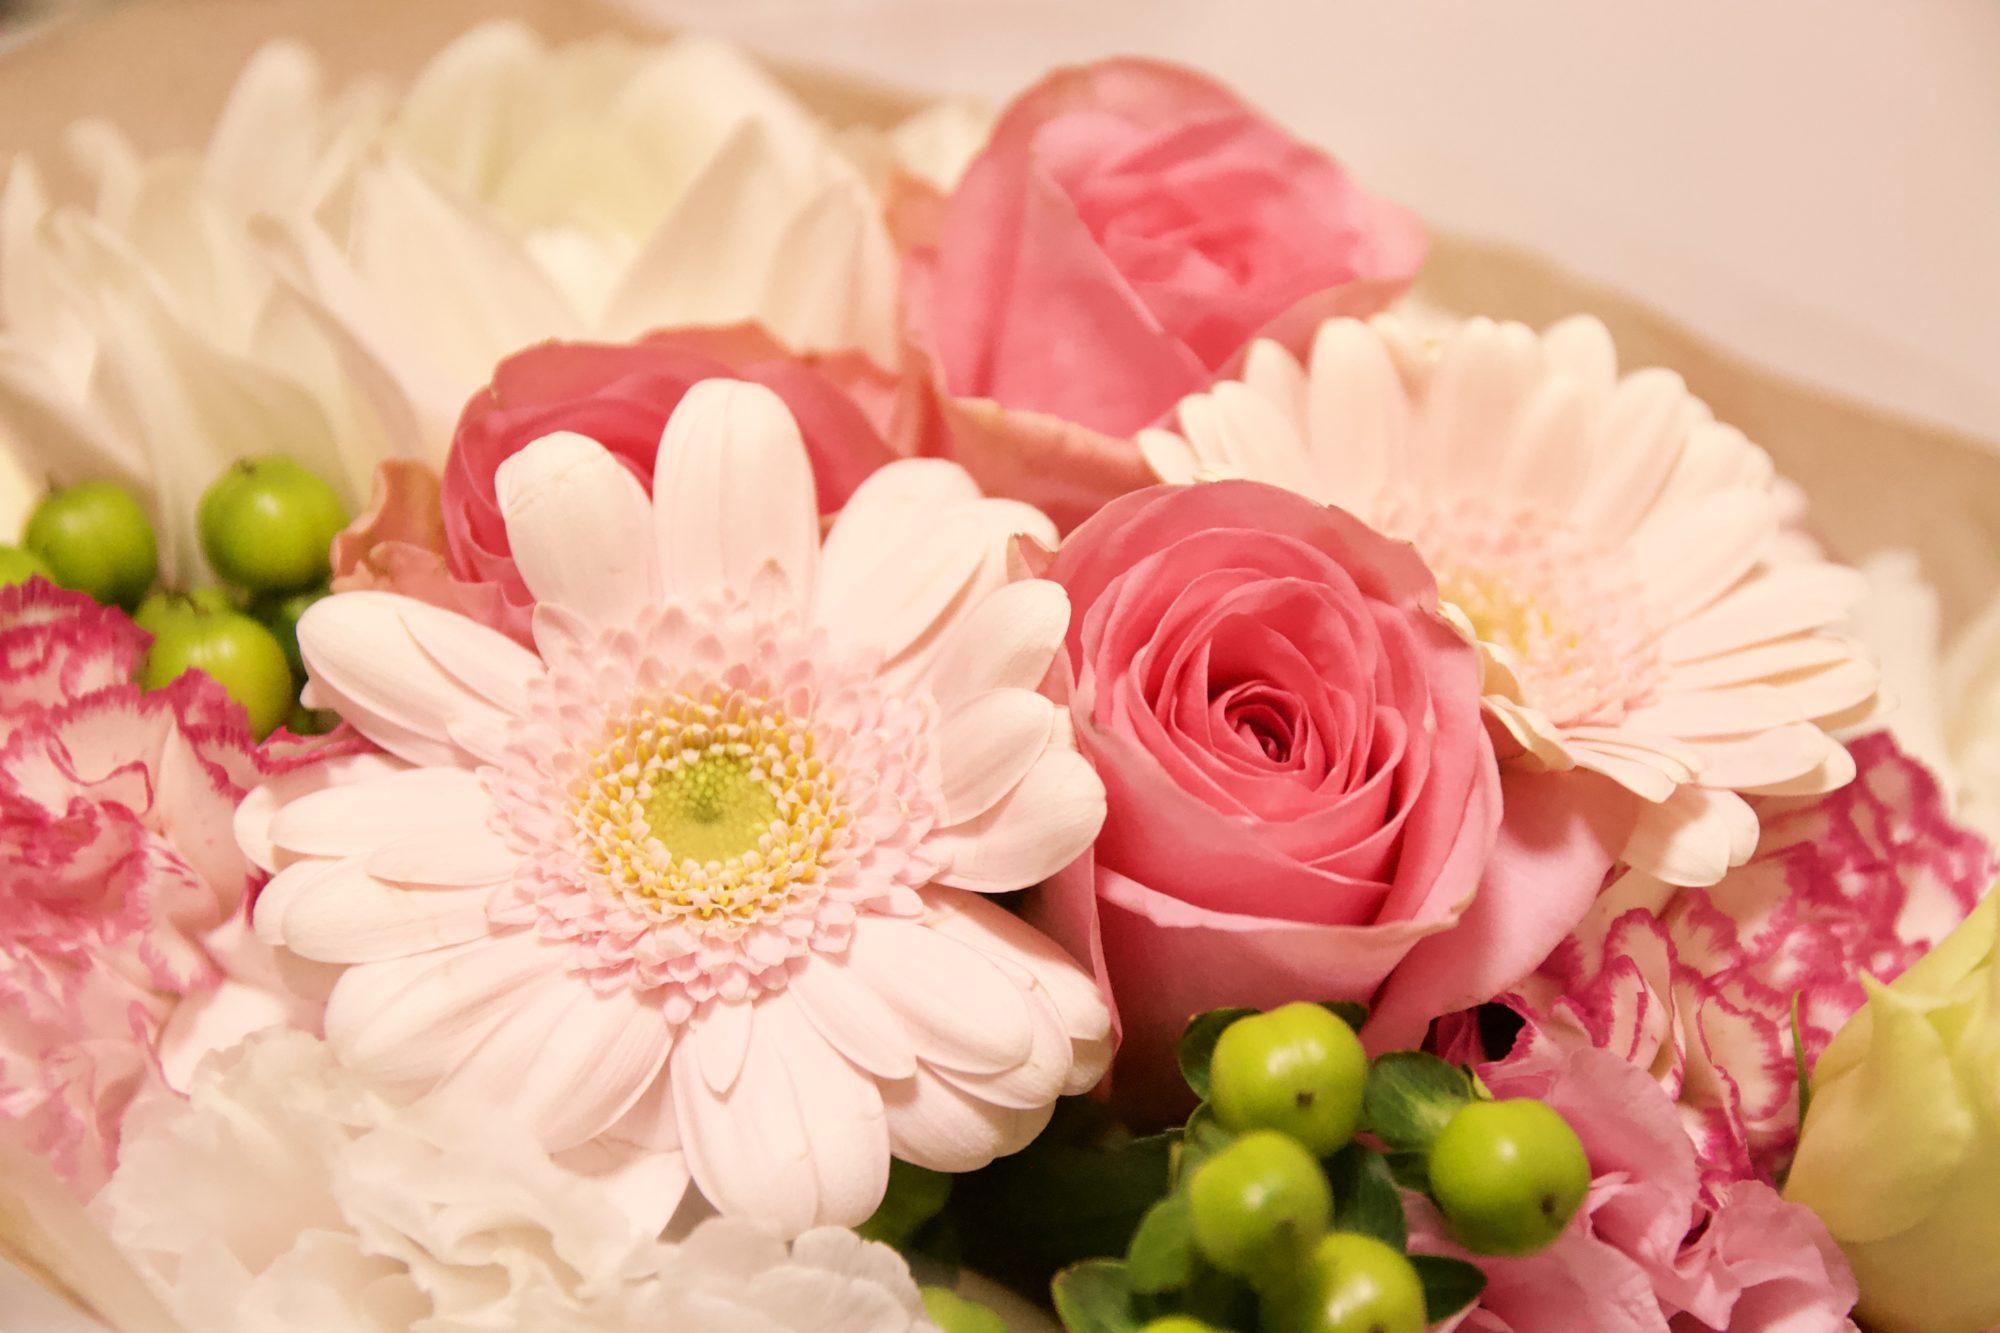 サプライズでお花をいただくのは、いくつになっても嬉しいです